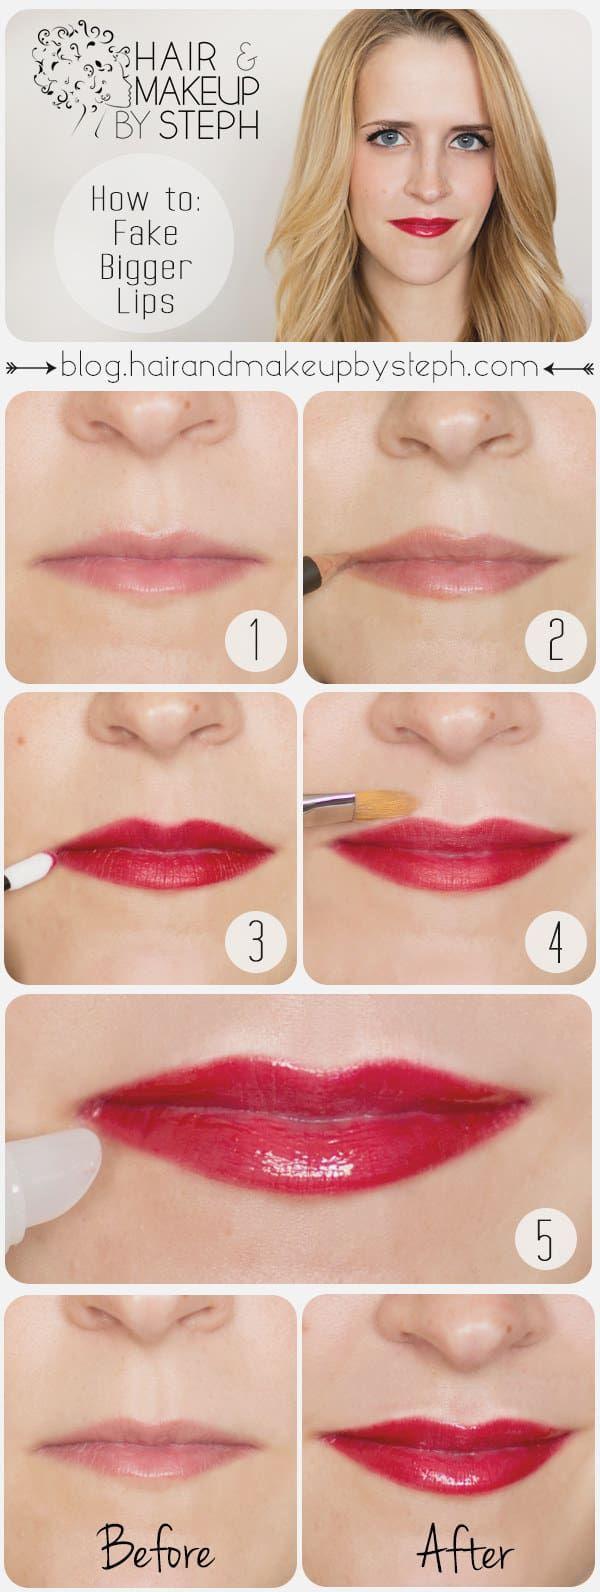 Entre más fuerte sea el color, podrás cubrir más terreno pero ojo, estos tonos podrían hacer ver tus labios aún más delgados si no delineas bien el labio superior.